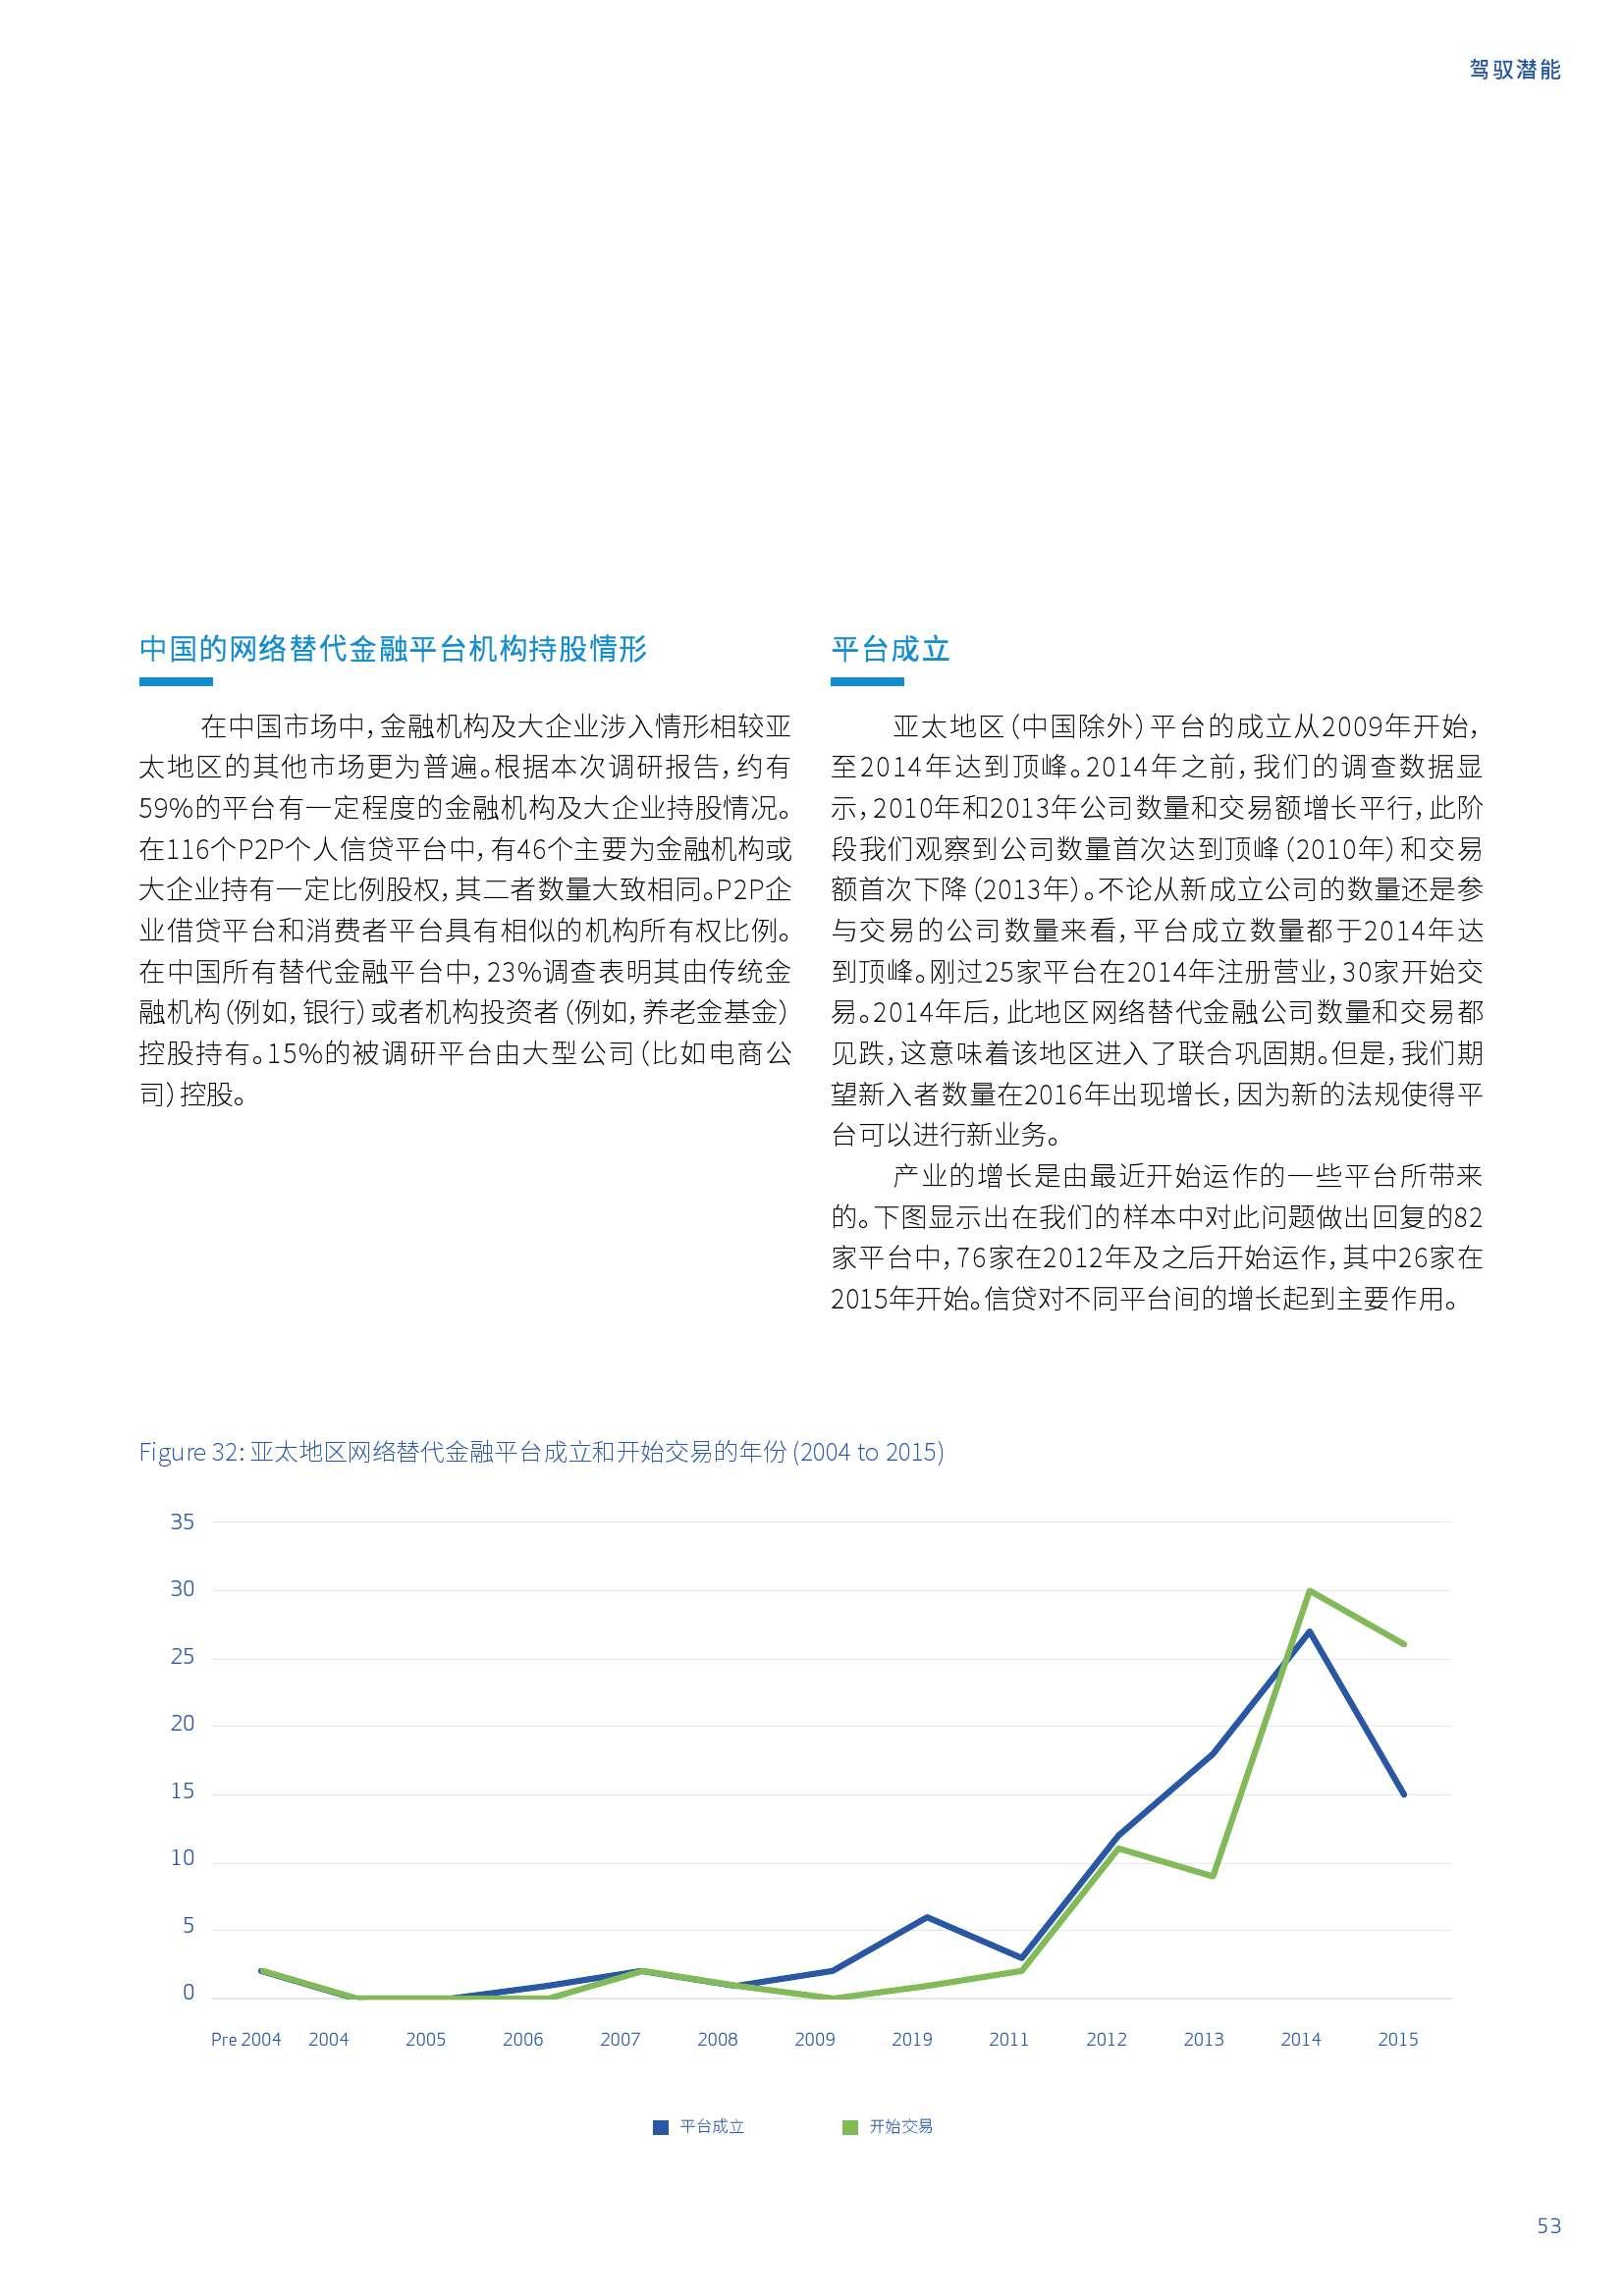 亚太地区网络替代金融基准报告_000053